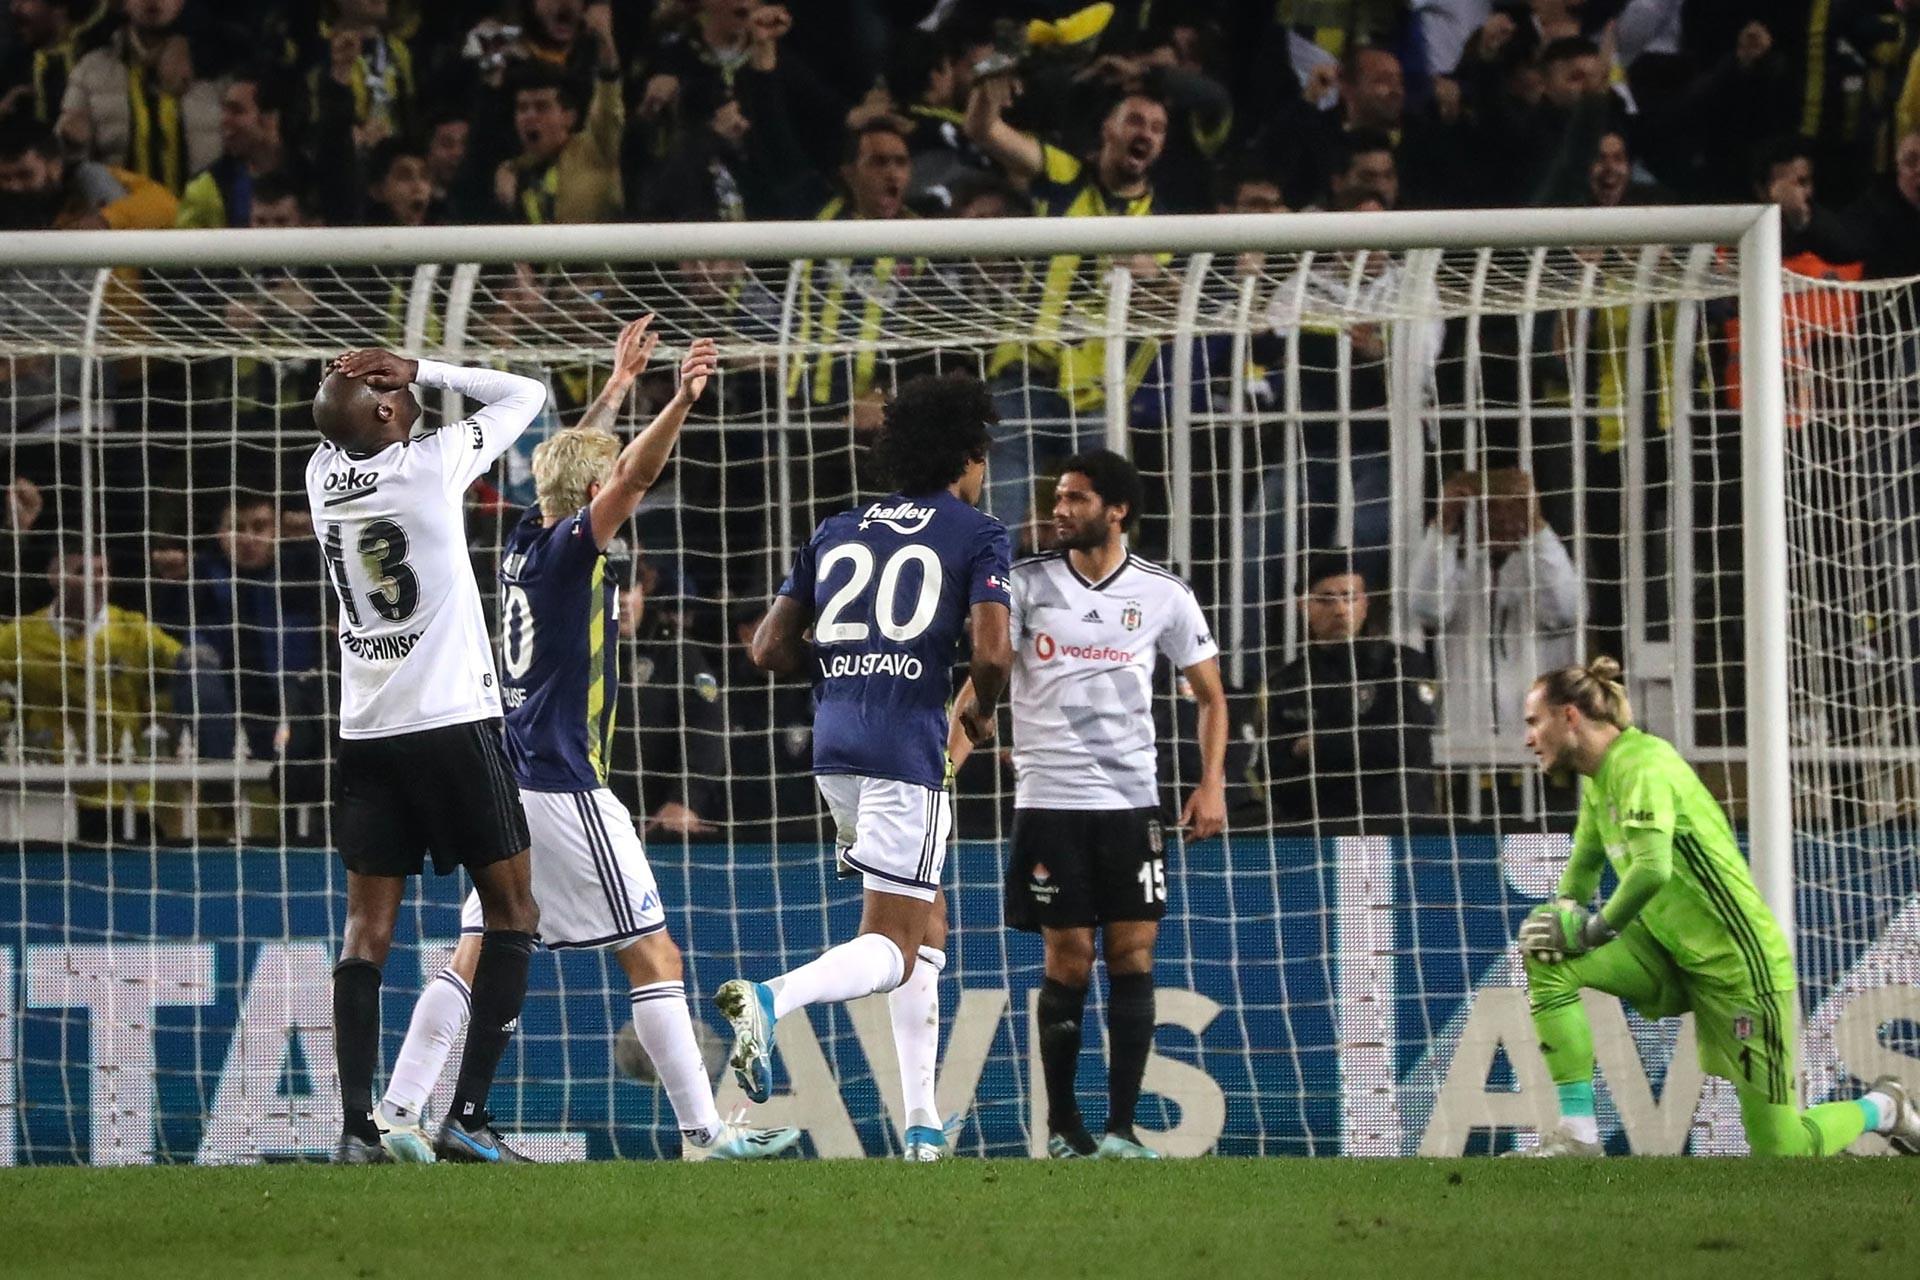 Fenerbahçe-Beşiktaş derbisinden bir fotoğraf